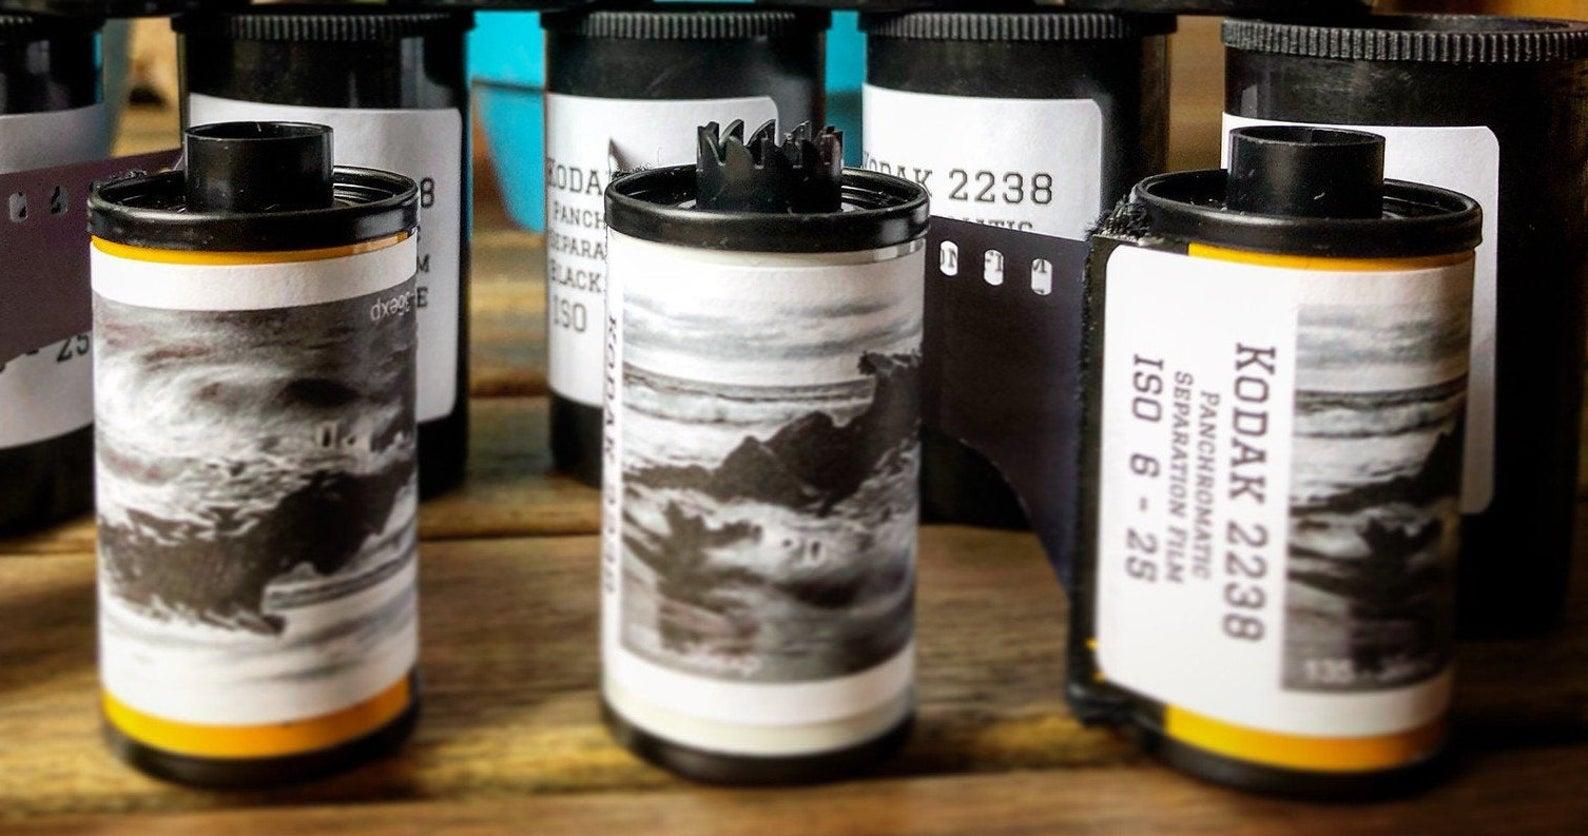 Kodak 2238 film rolls